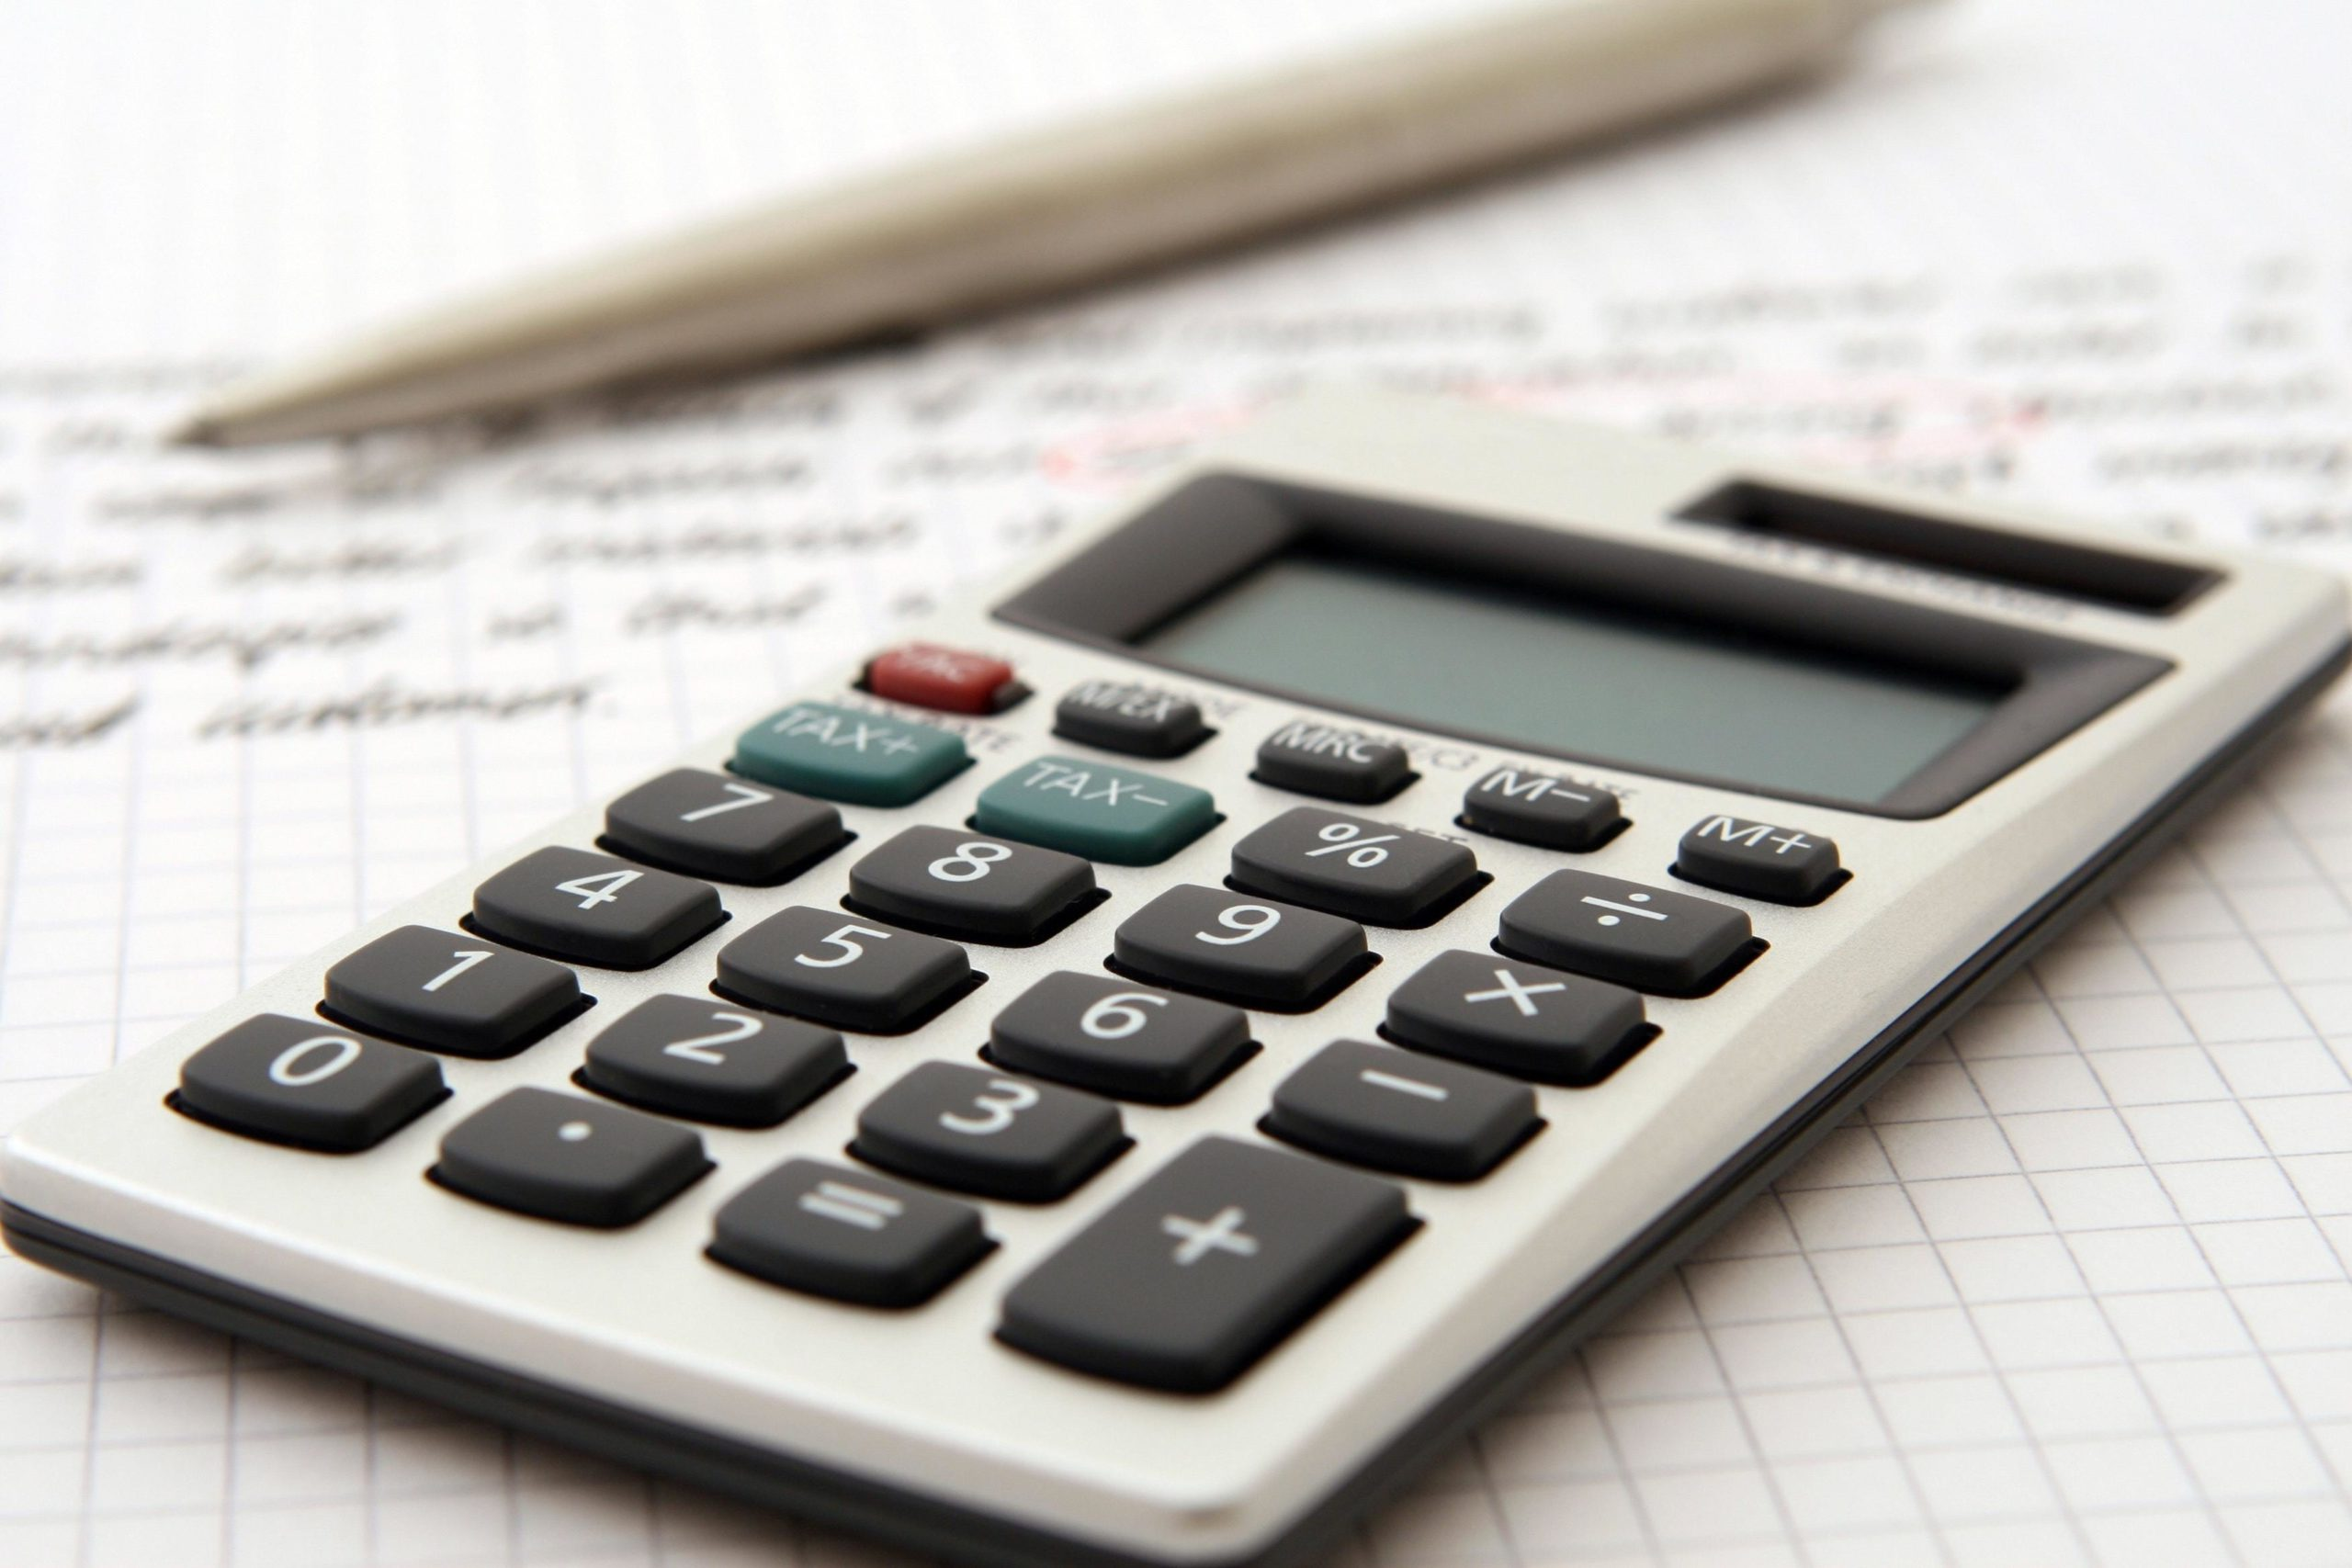 minder belastingen betalen